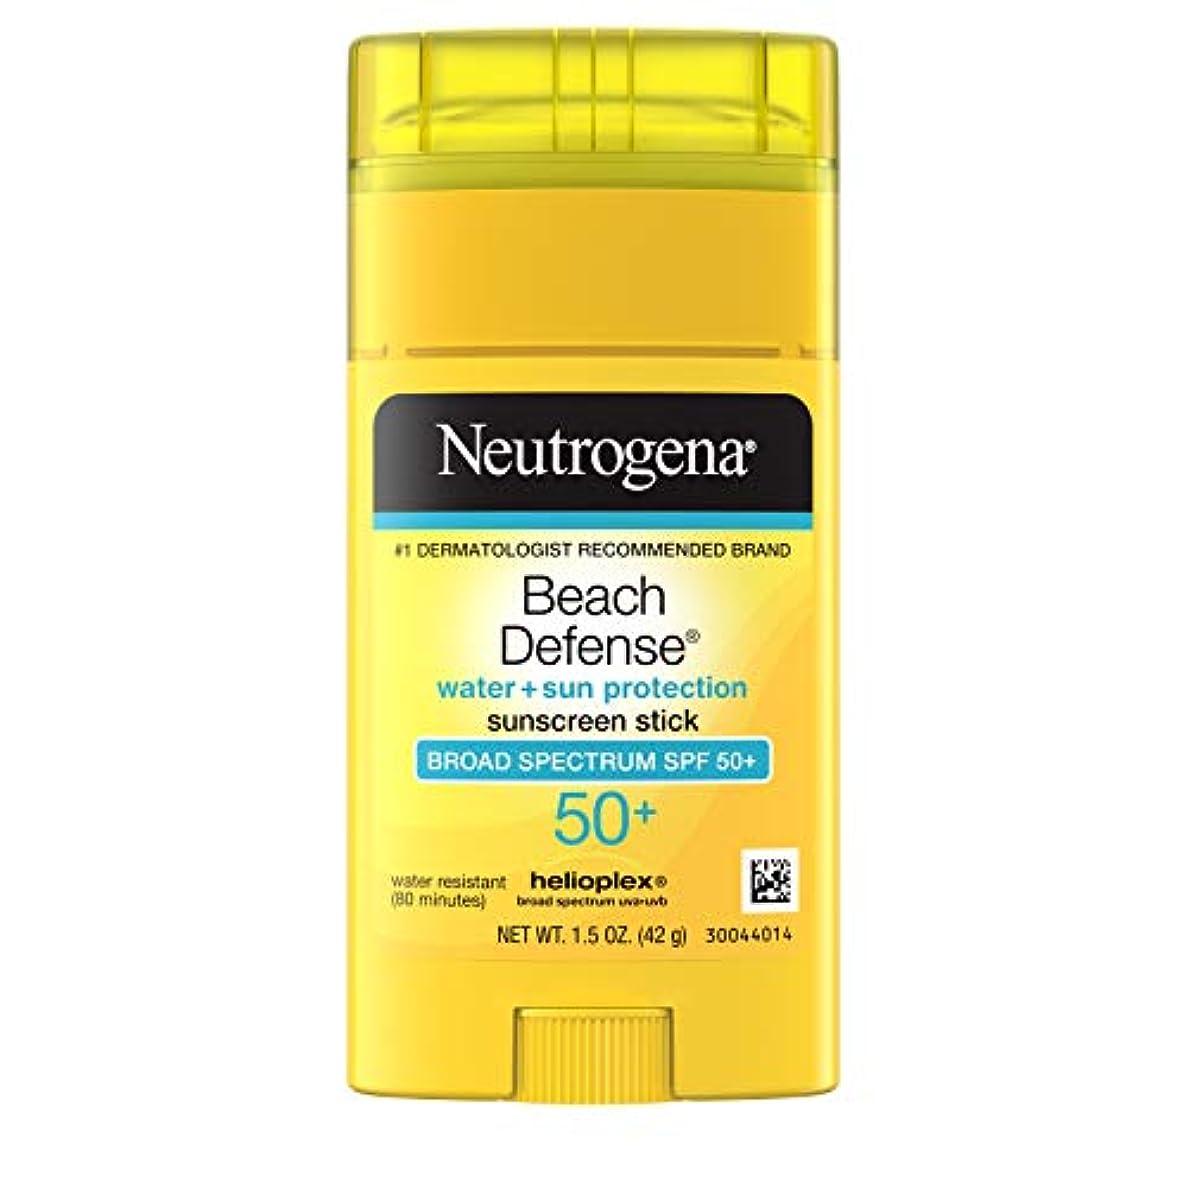 排泄する致命的な始まりNeutrogena Sunscreen Beach Defense Sunblock Stick SPF 50, 1.5 Ounce